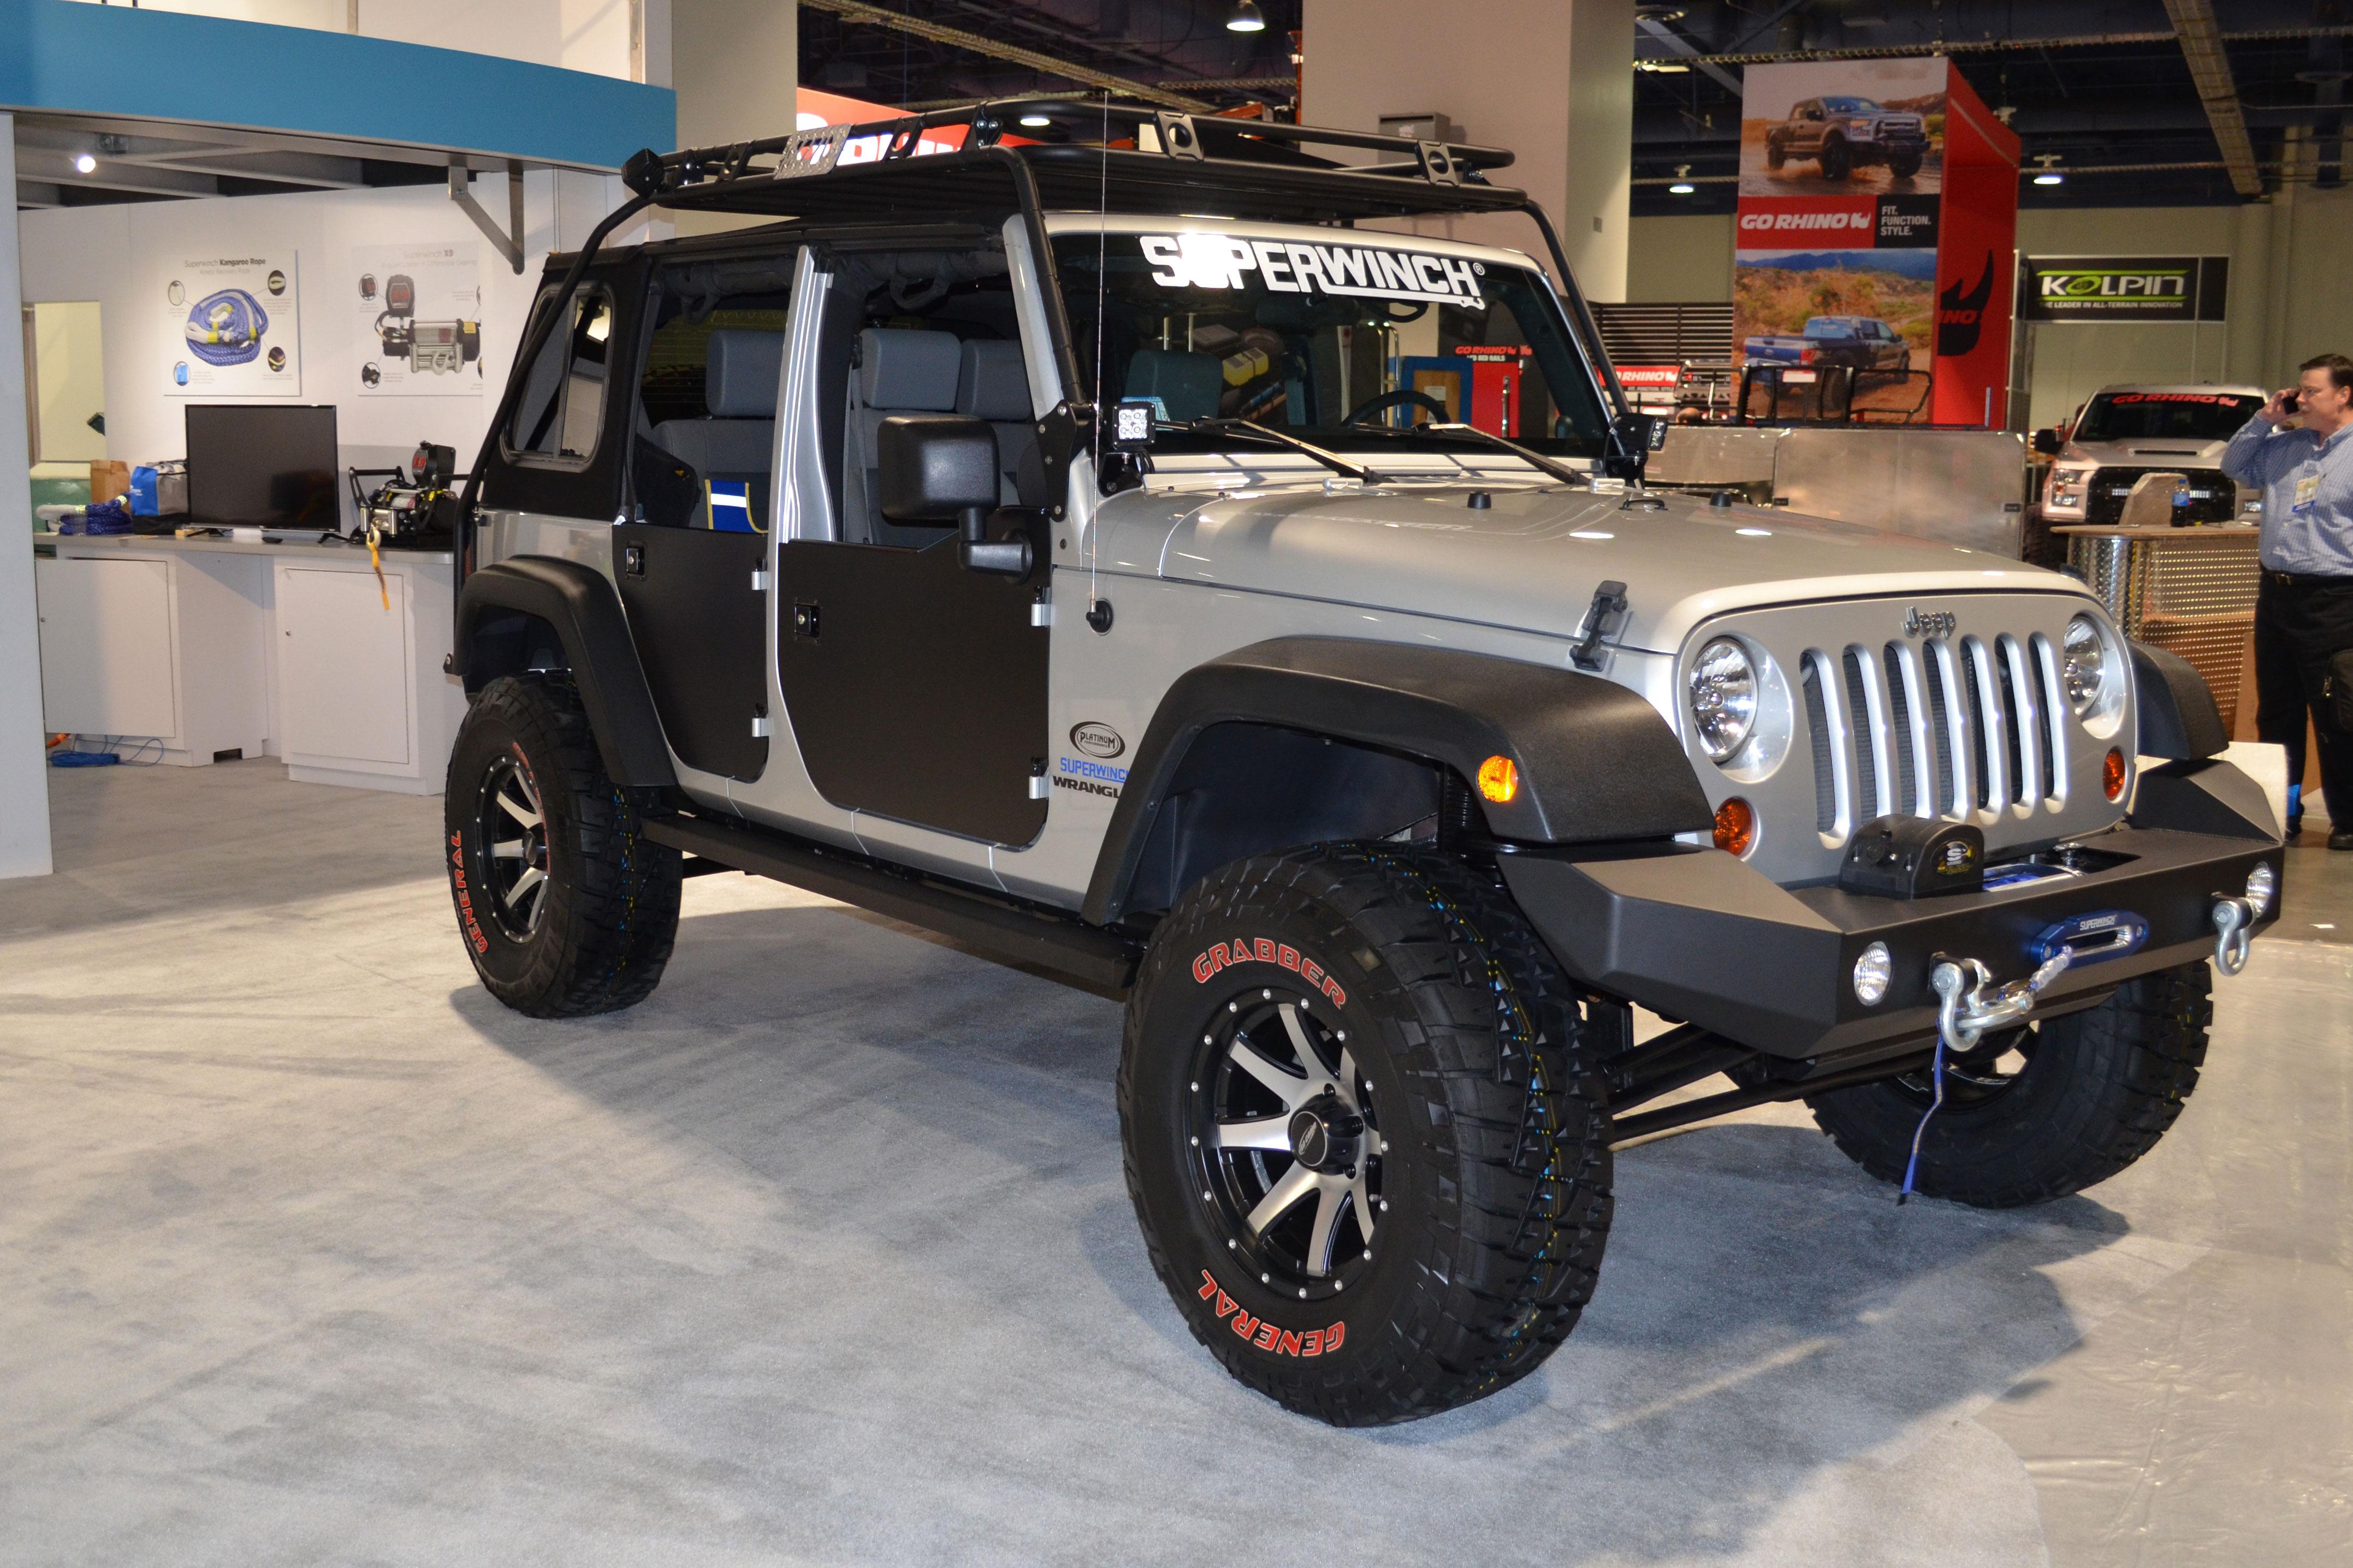 2015 SEMA Show Monday super winch jeep